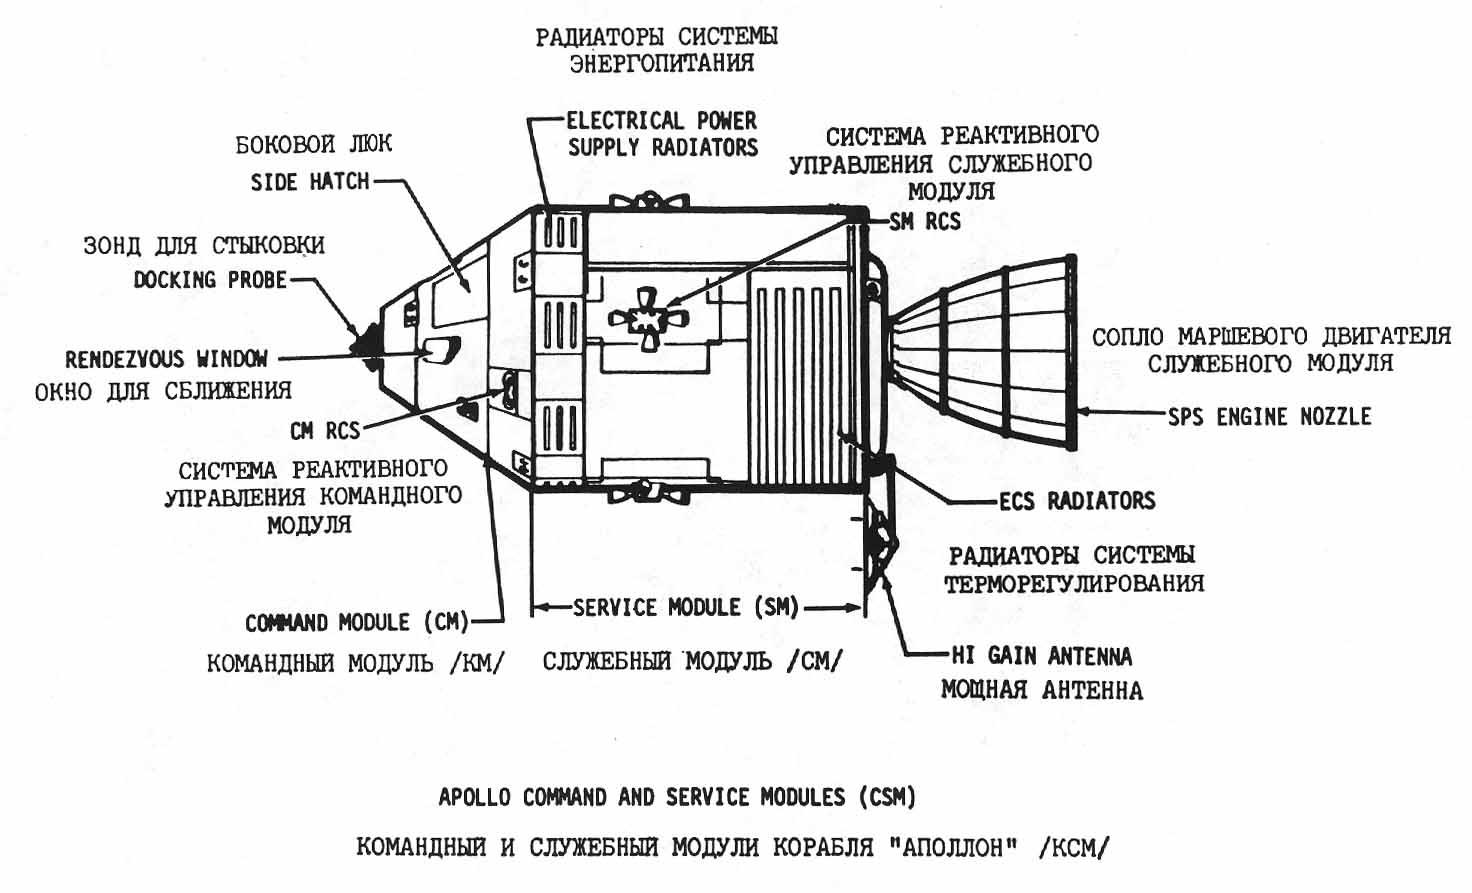 apollo 13 service module location - photo #32